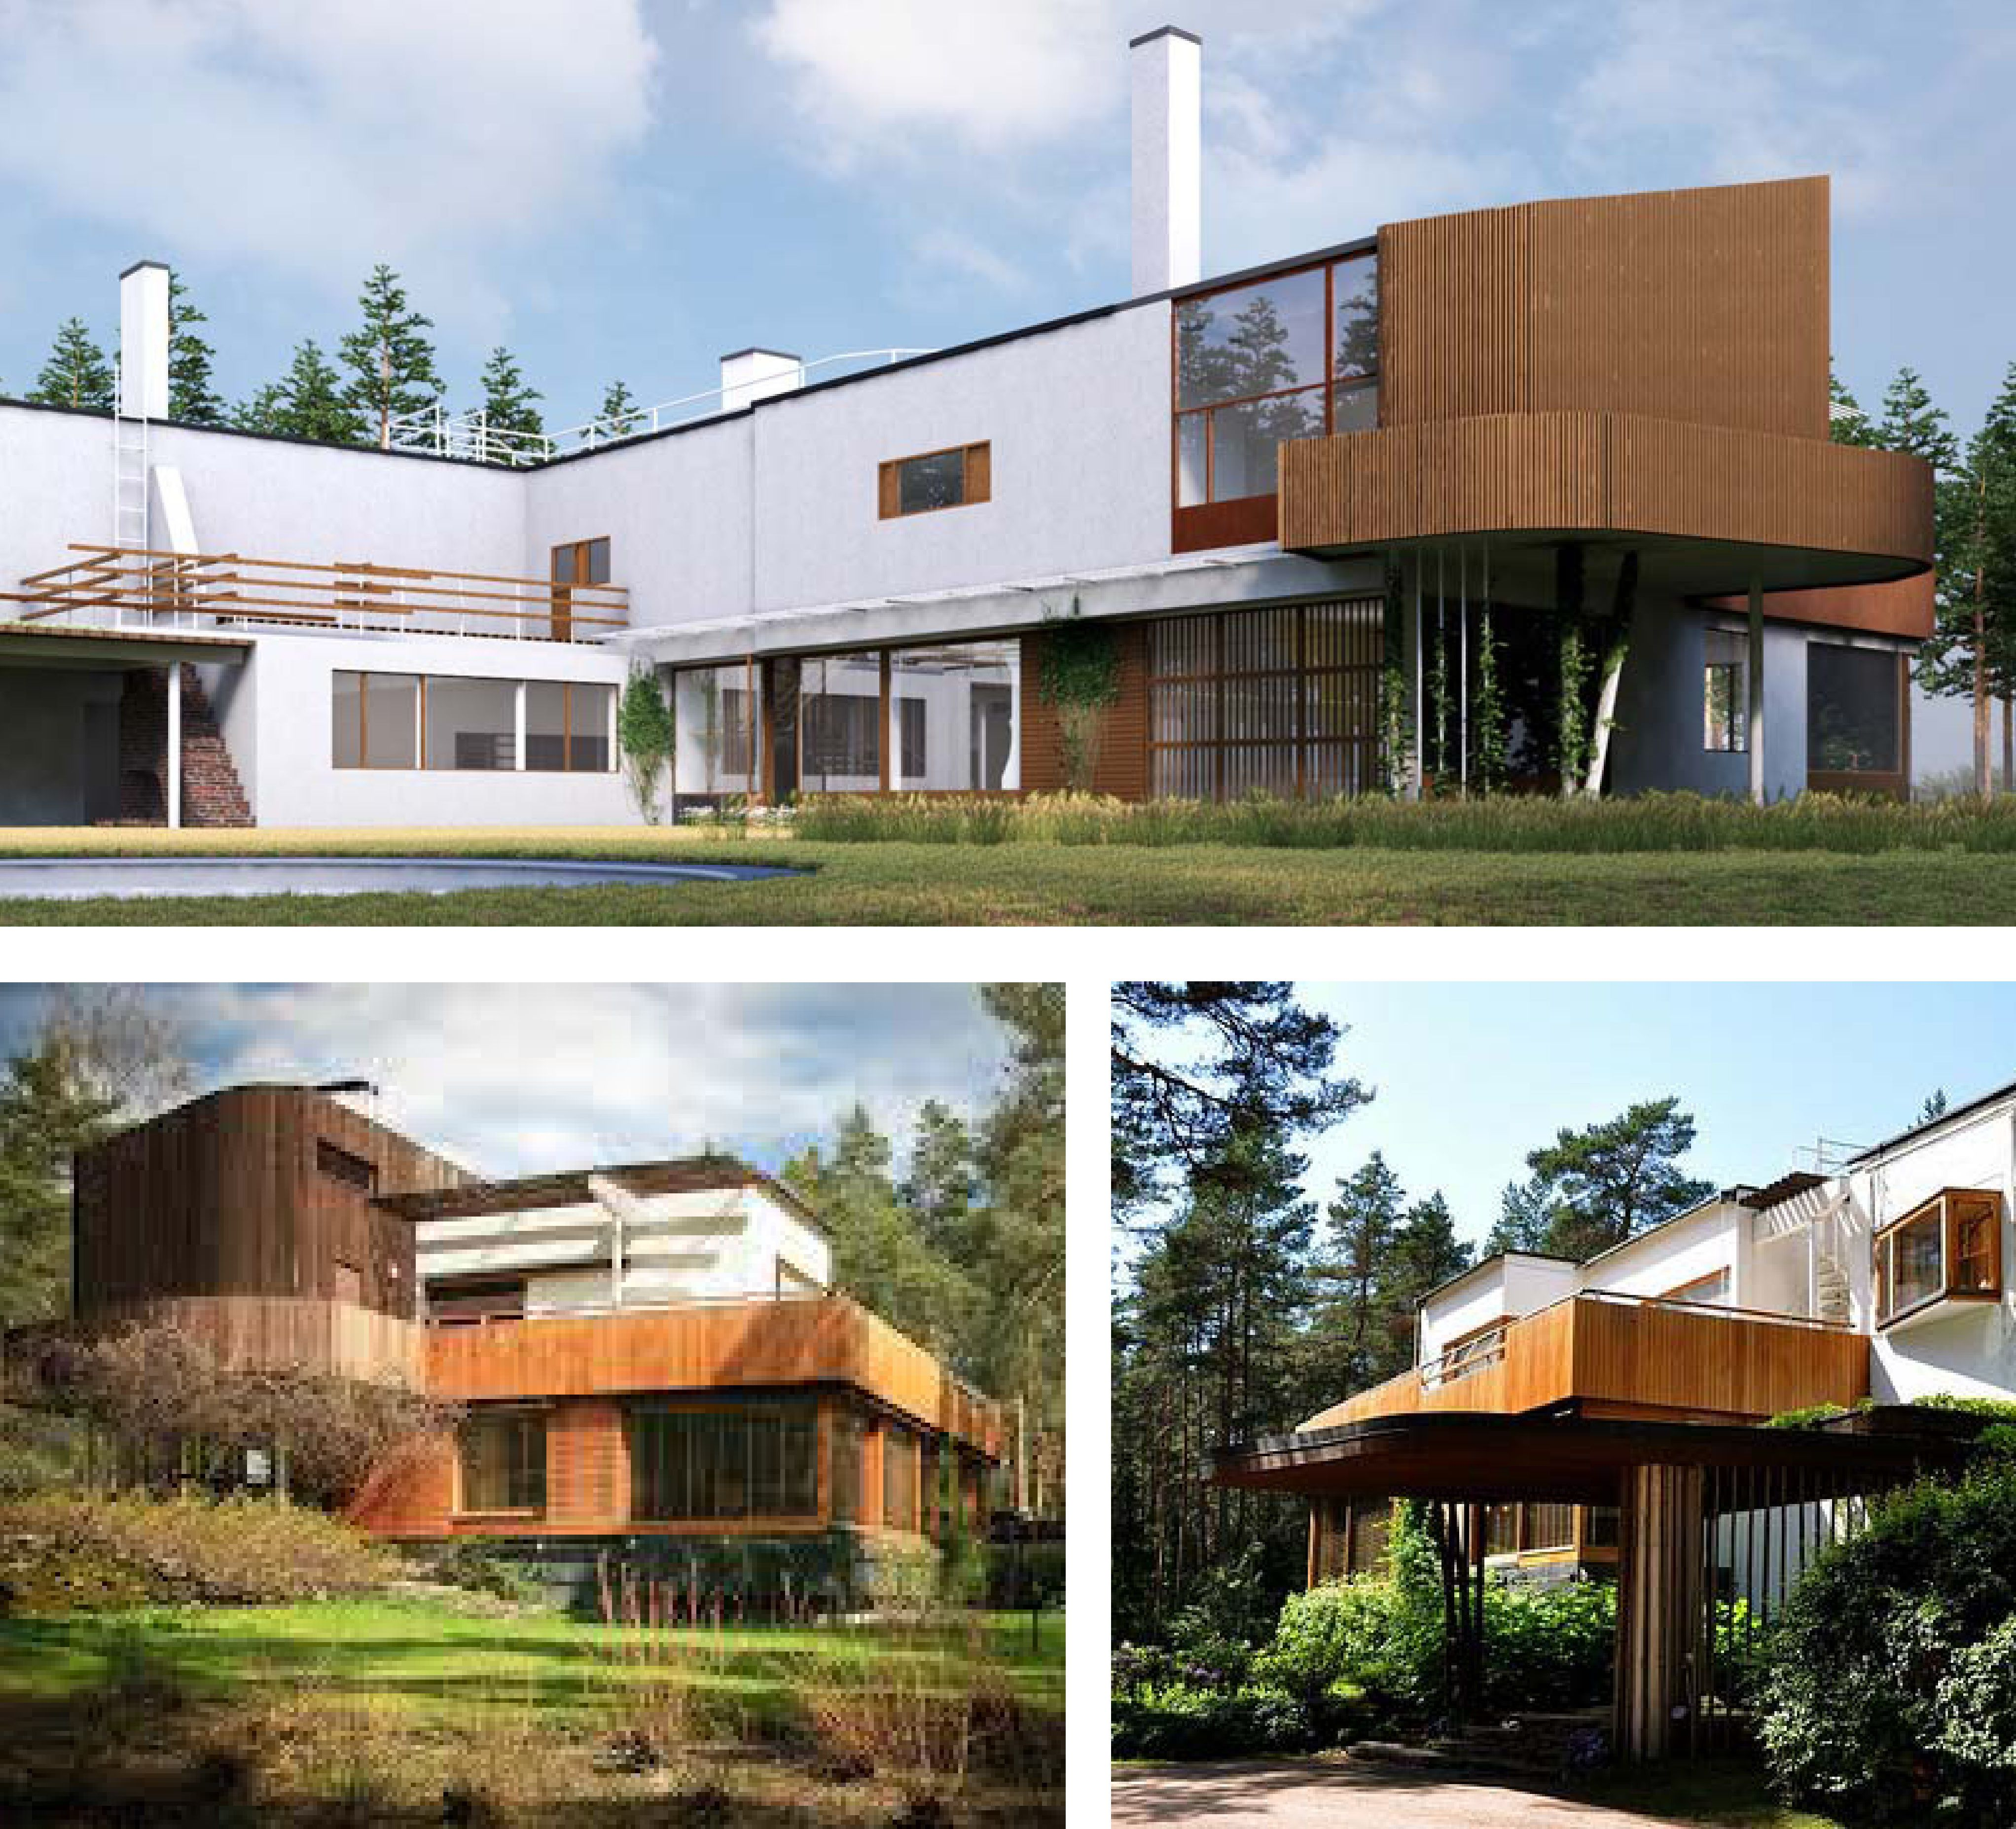 Villa mairea exteriores alvar aalto como muchos de los arquitectos de la llamada segunda - Villa mairea alvar aalto ...